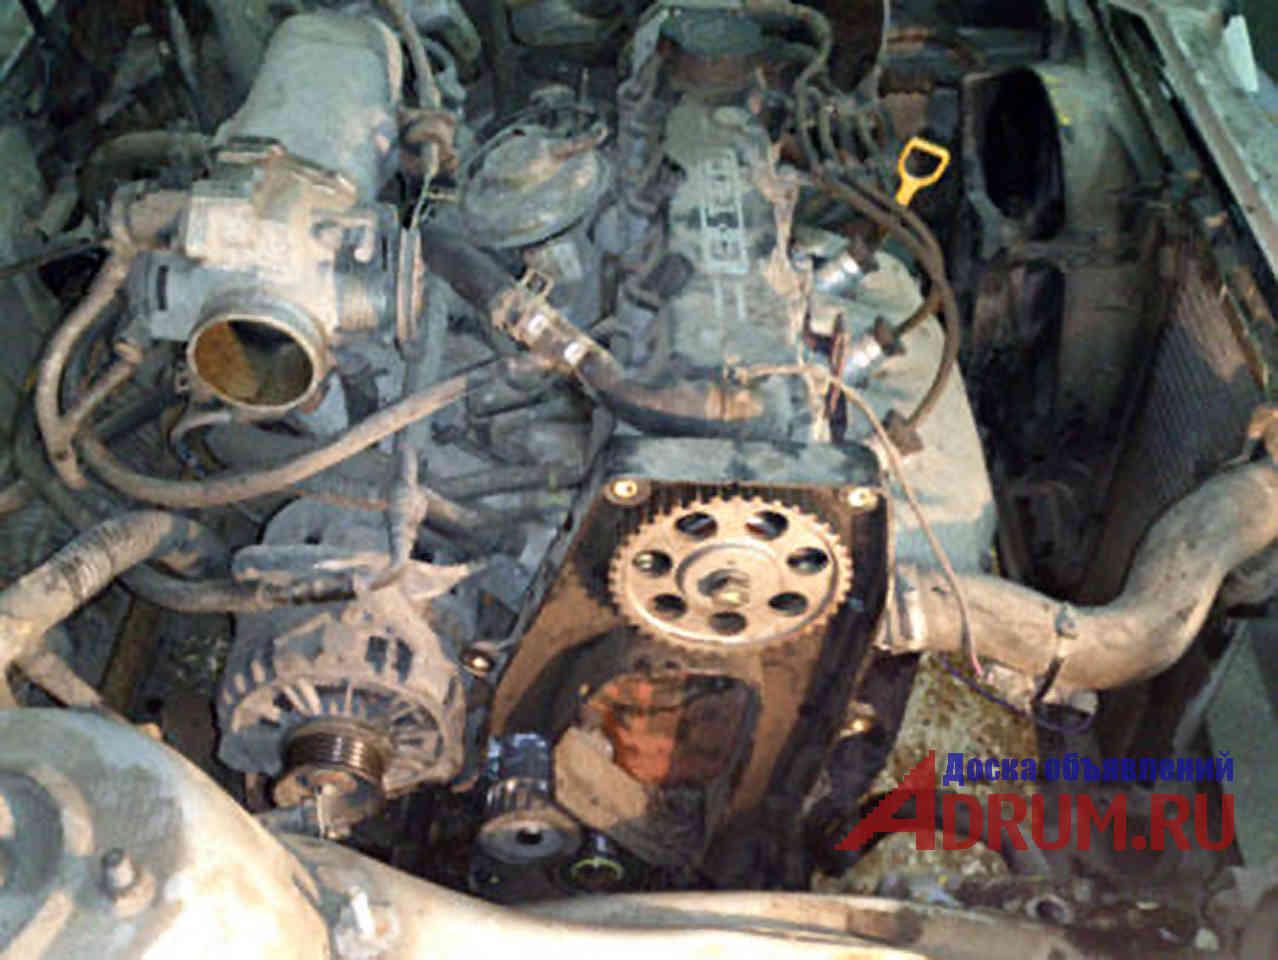 Замена ремня ГРМ Chevrolet Lanos 1.5 л (8 кл) 1800 руб. Ярославль в Ярославль, фотография 1, объявление в категории «Тюнинг авто» на сайте adrum.ru